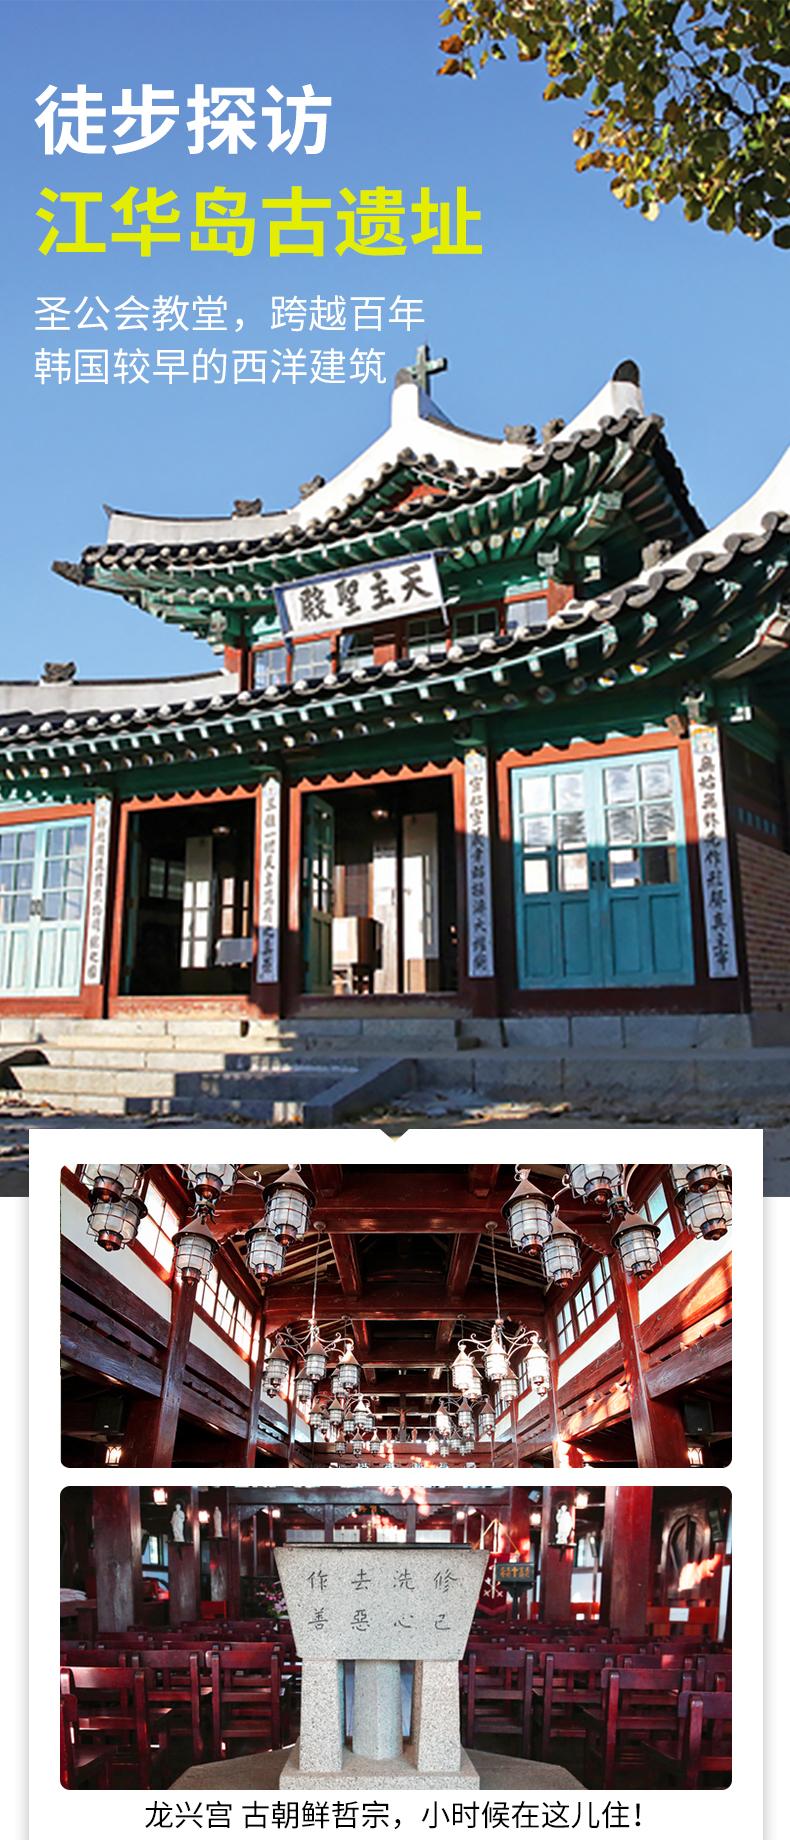 仁川一日游(江华岛)-详情页_10.jpg